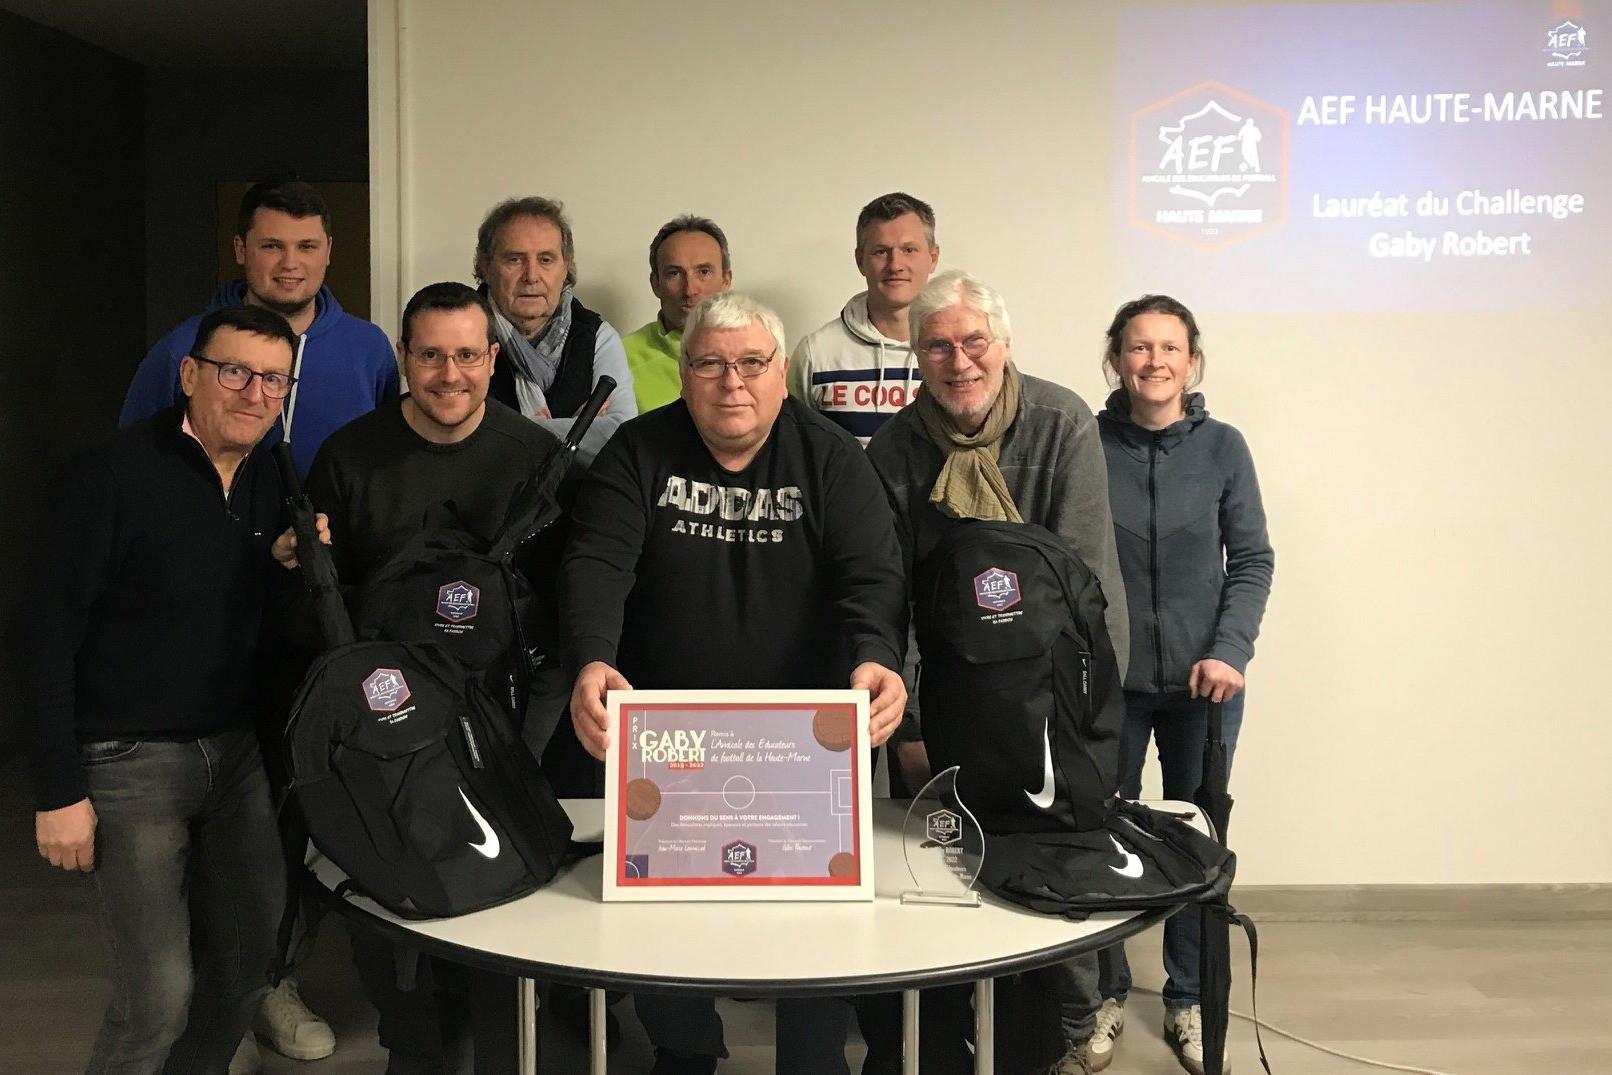 L'AEF Haute-Marne lauréate du challenge Gaby Robert ! - Vignette